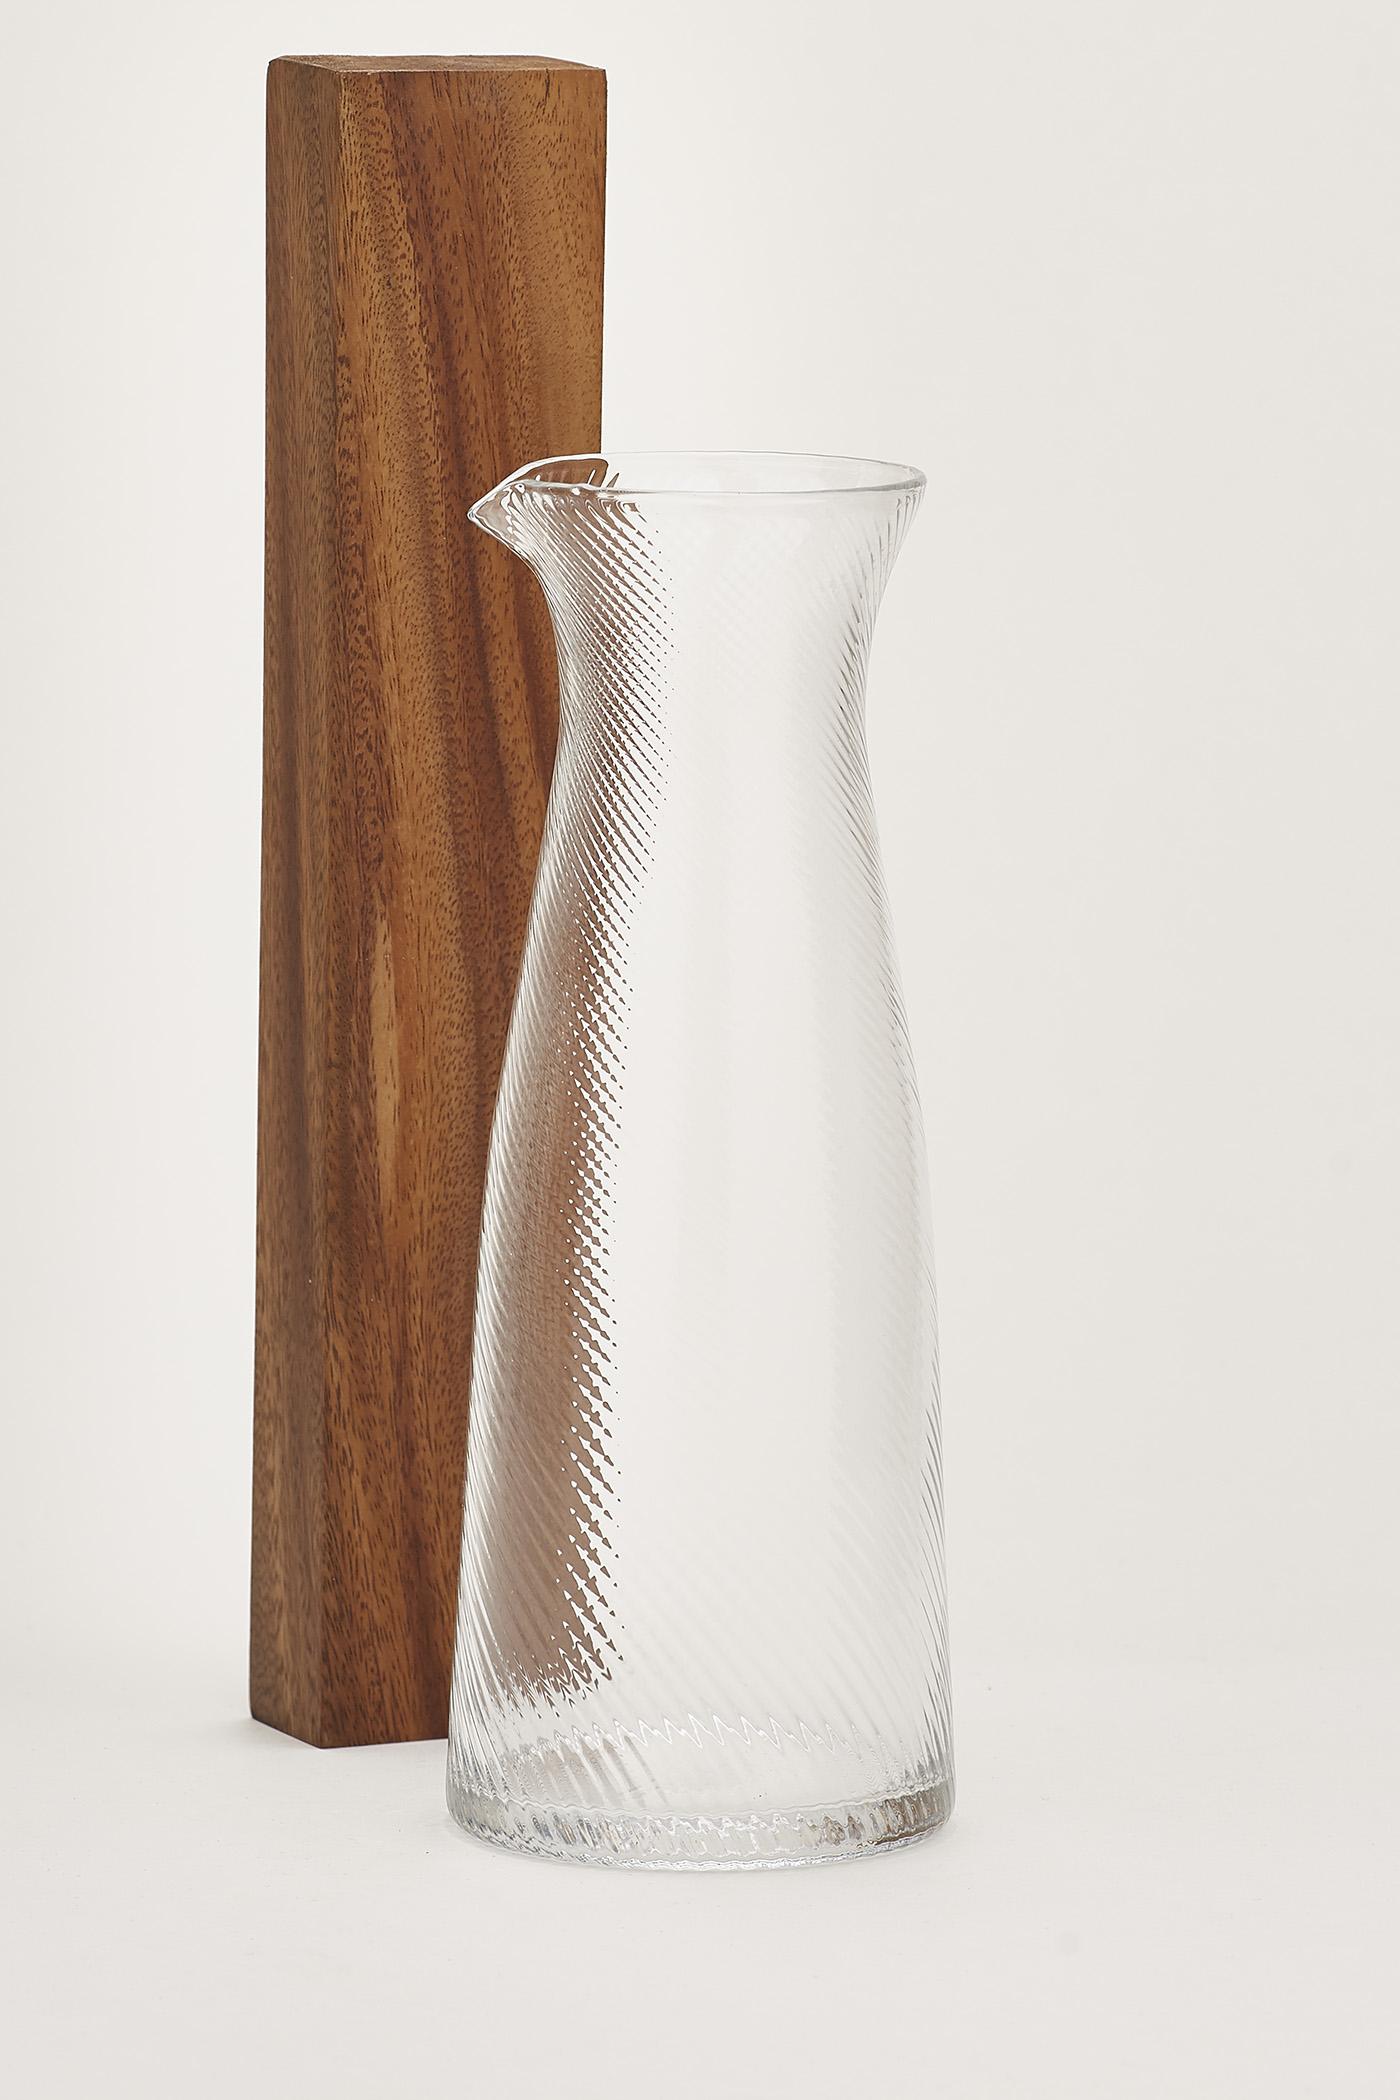 Arni Swirl-Glass Carafe